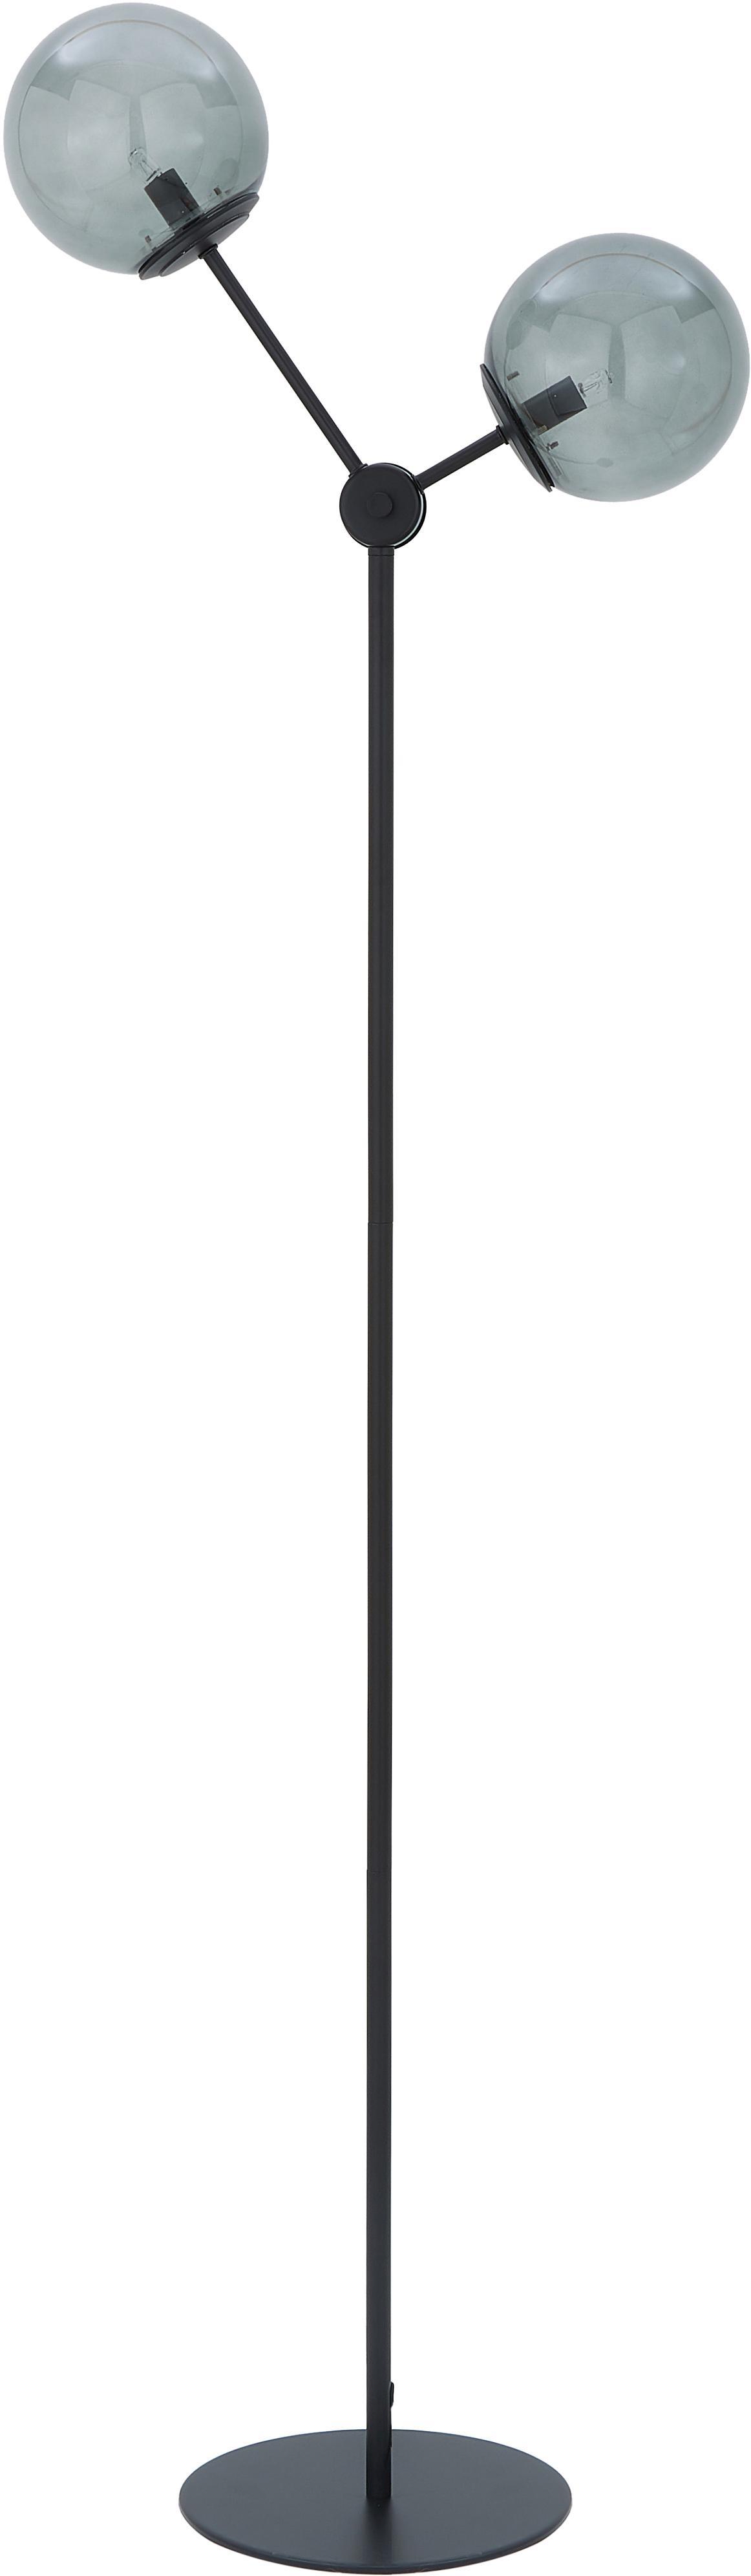 Lampada da terra in nero Aurelia, Paralume: vetro, Base della lampada: metallo verniciato a polv, Nero, grigio, Ø 25 x Alt. 155 cm